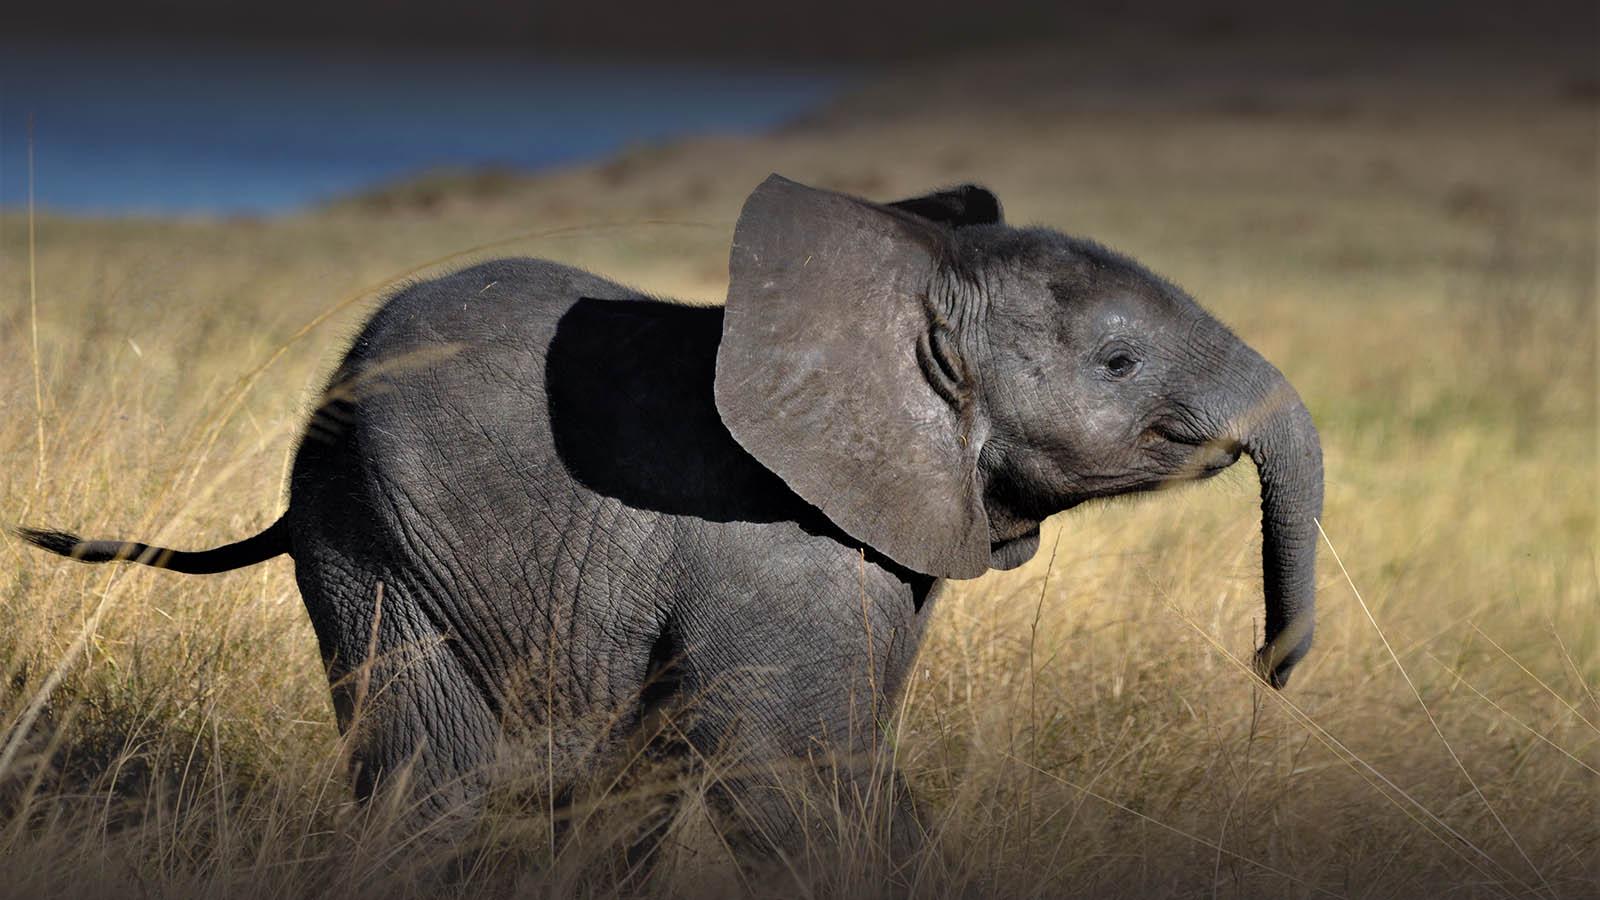 the hide hwange-national-park-lodges-zimbabwe-accommodation-baby-elephant-landscape